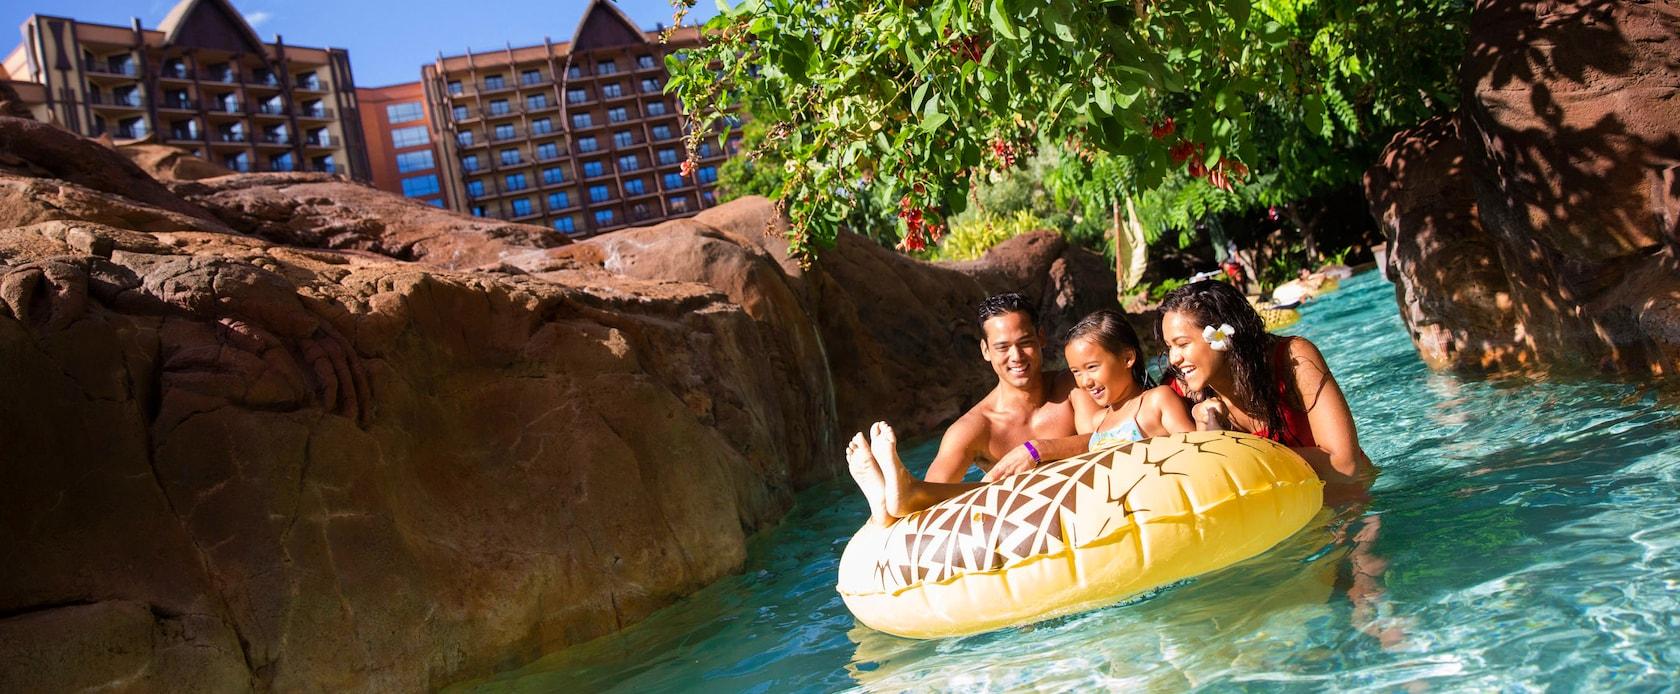 岩や木に囲まれた流れるプールで浮き輪に乗って浮かぶ少女と両親